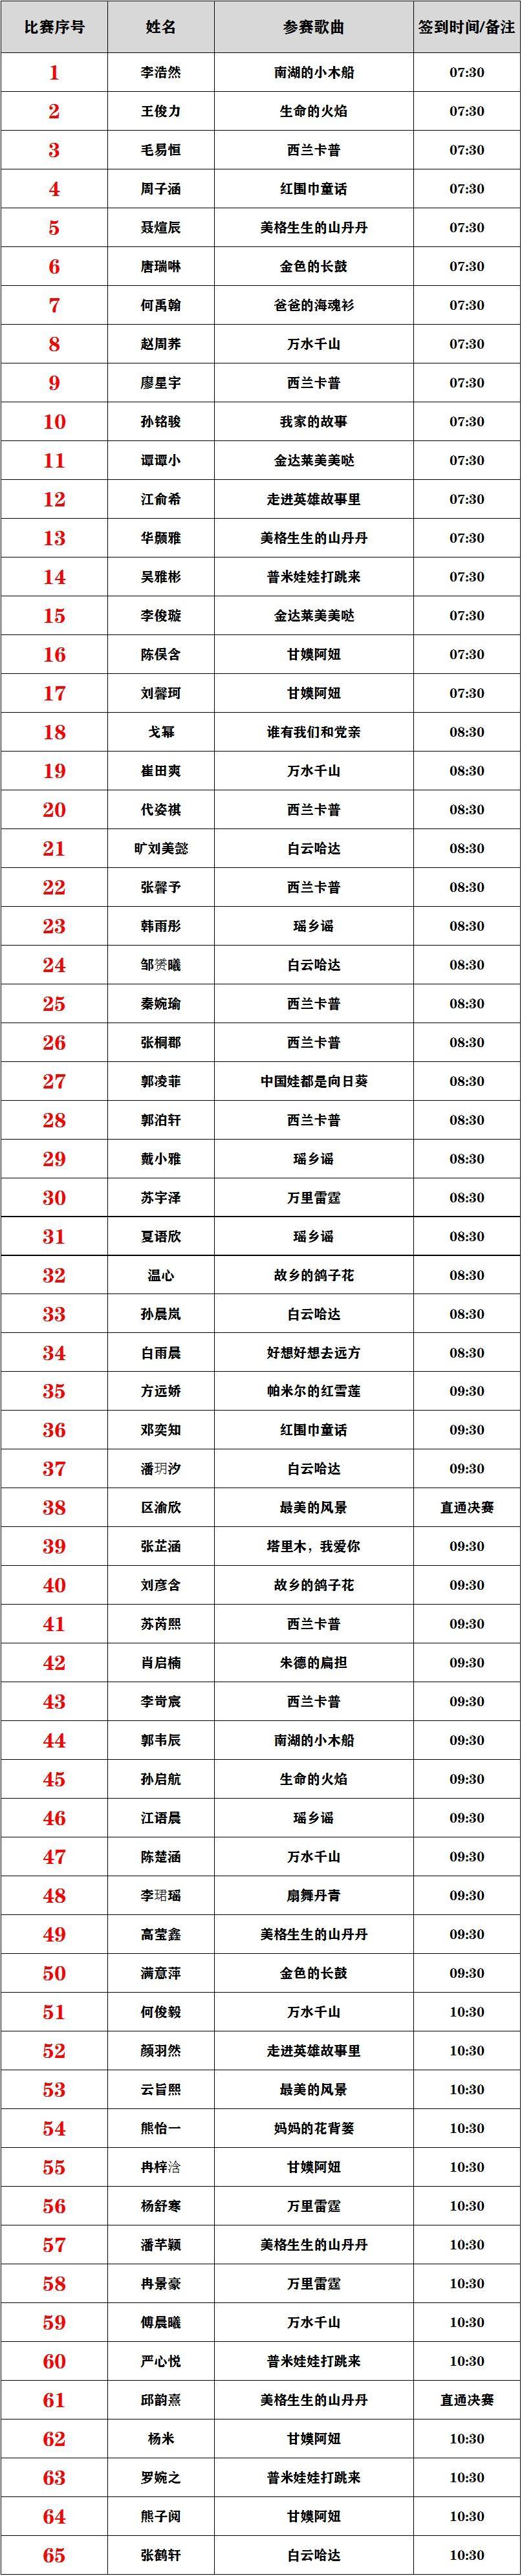 2021第17届快乐阳光全国少歌赛【重庆赛区】复赛比赛通知 第19张